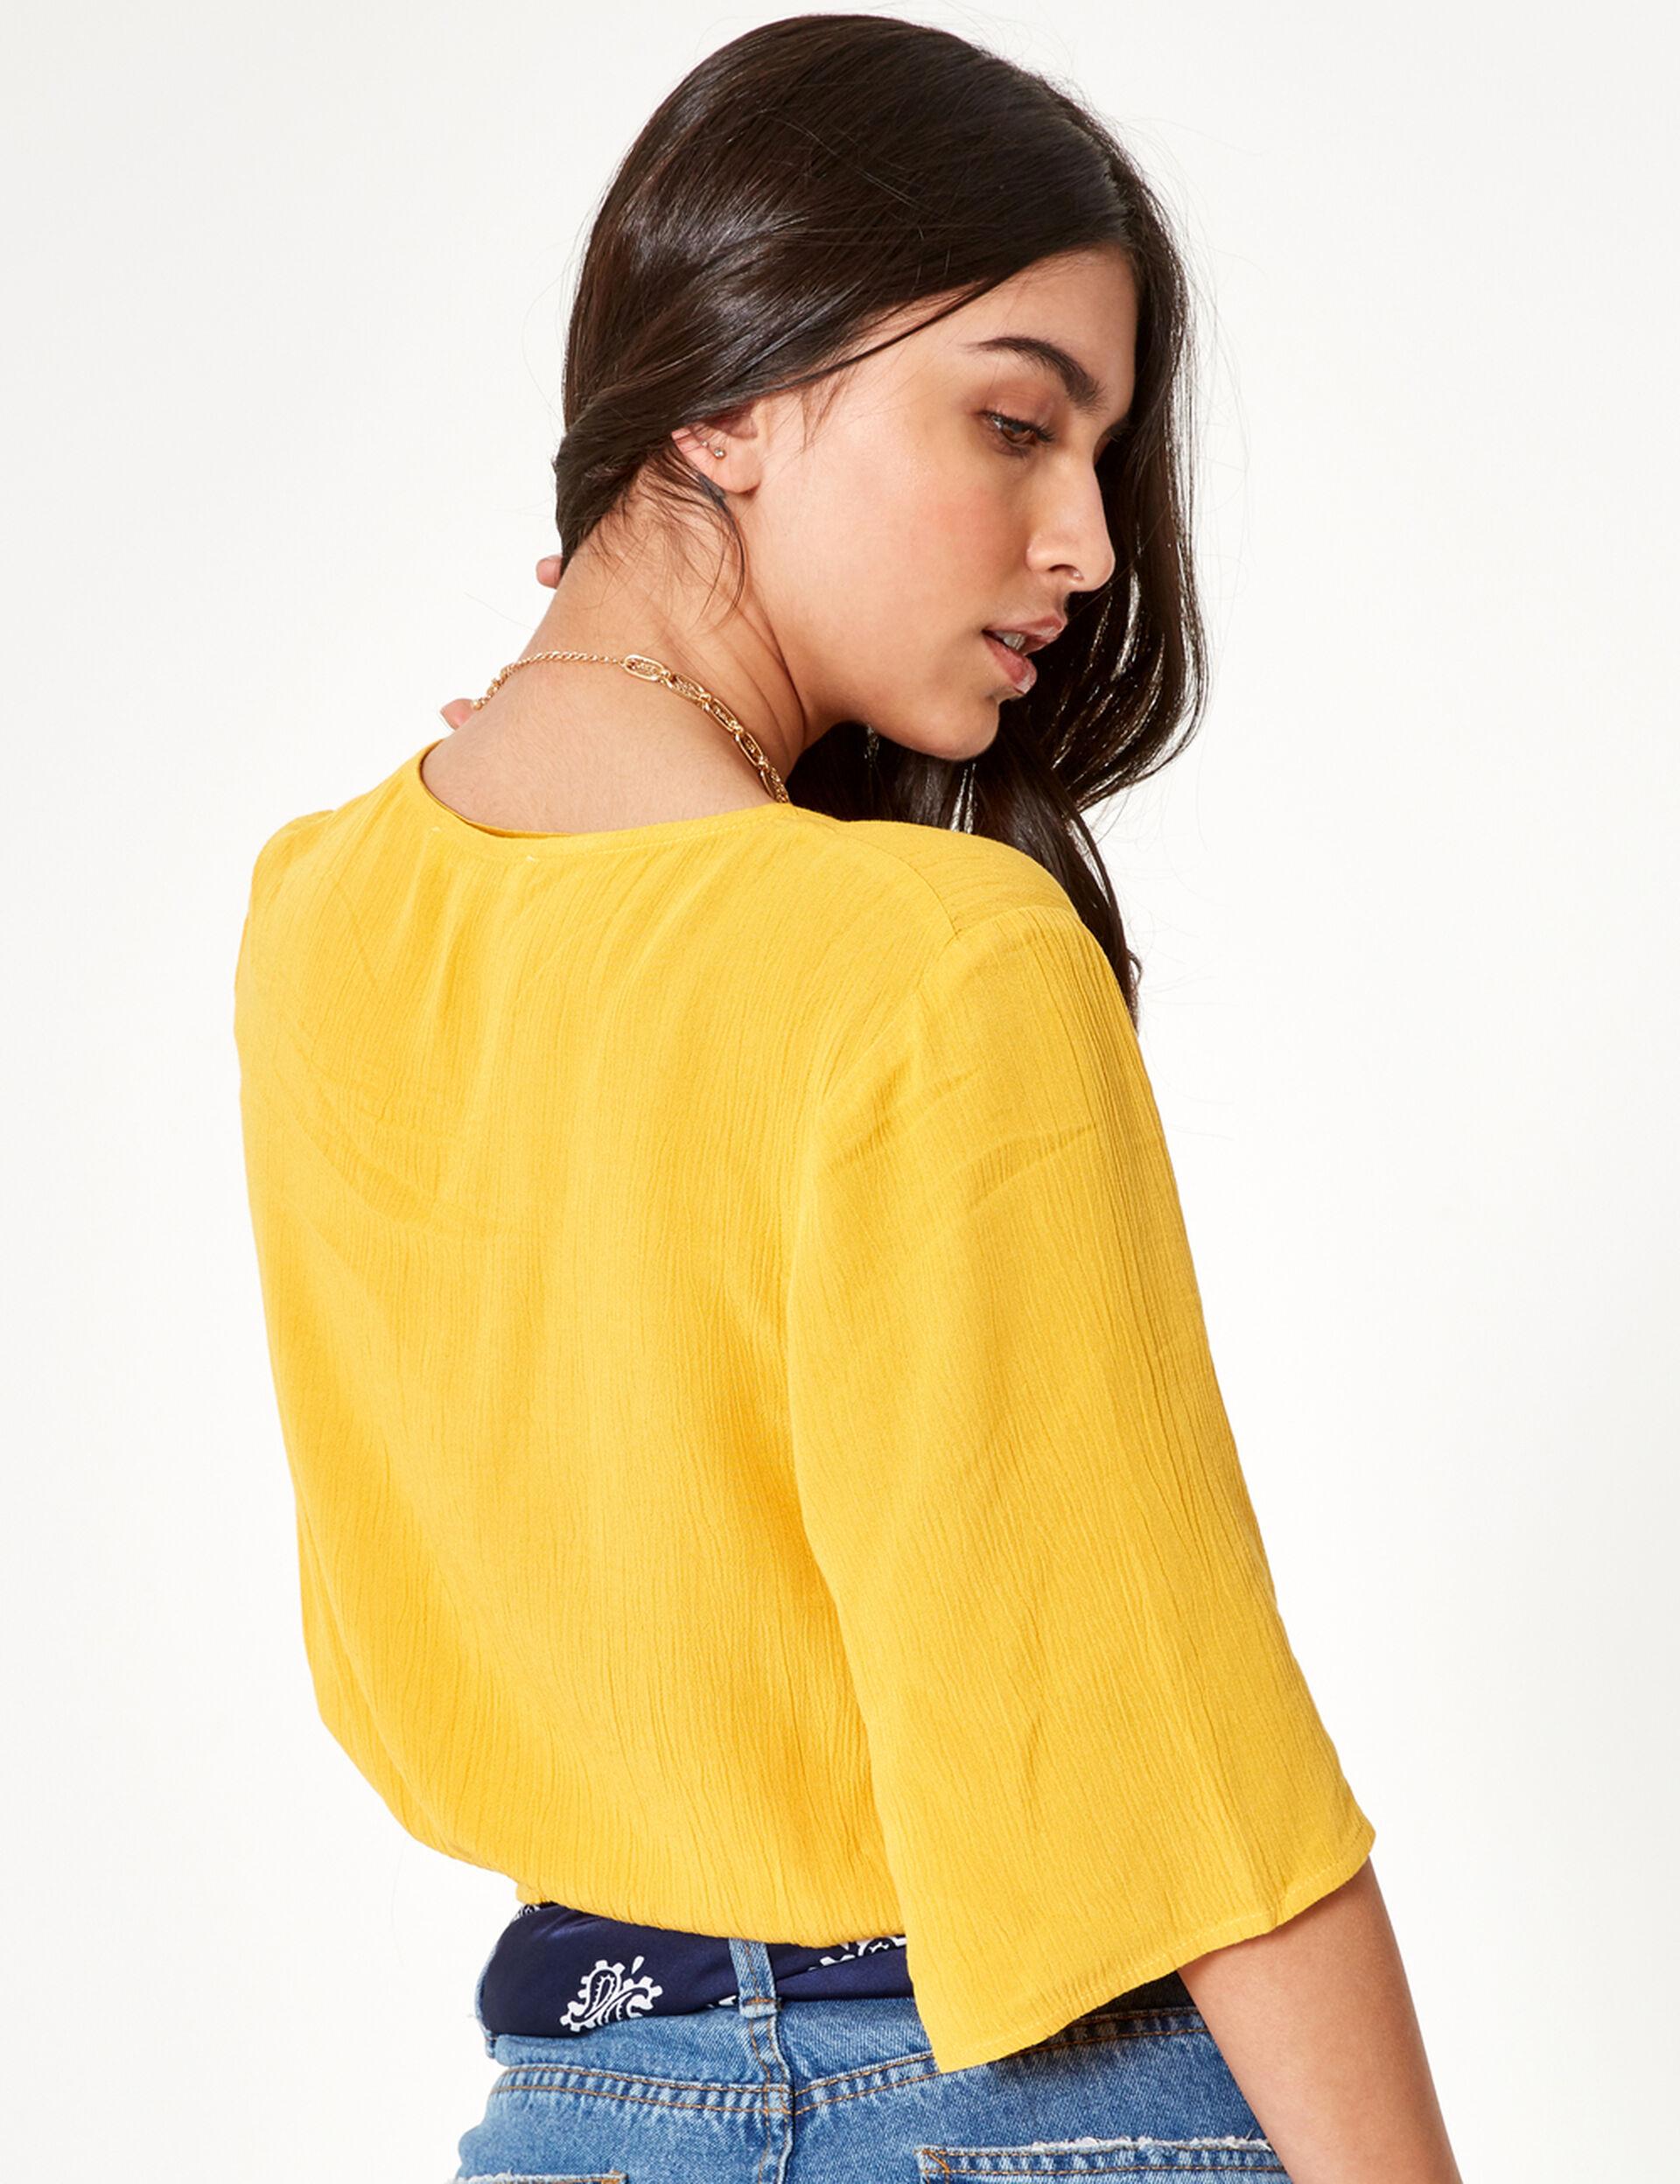 Ochre buttoned blouse